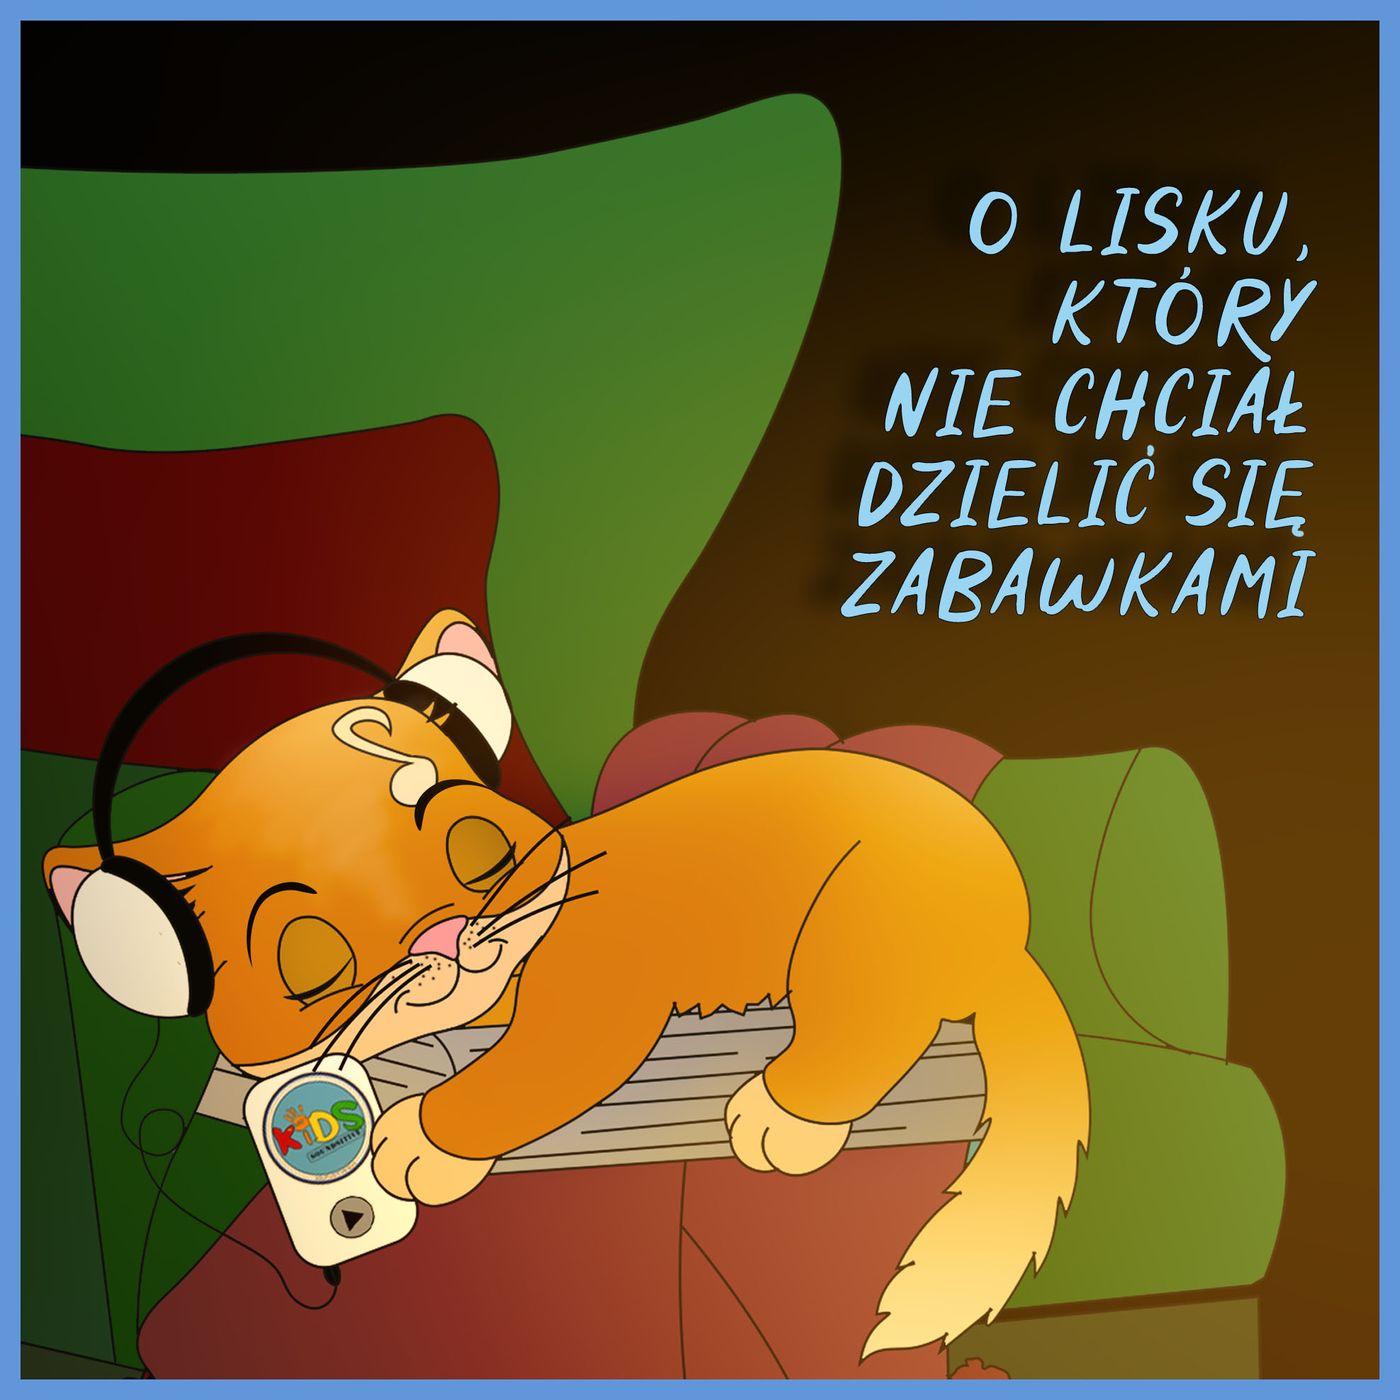 O Lisku, który nie chciał dzielić się zabawkami | bajka | słuchowisko dla dzieci 🦊